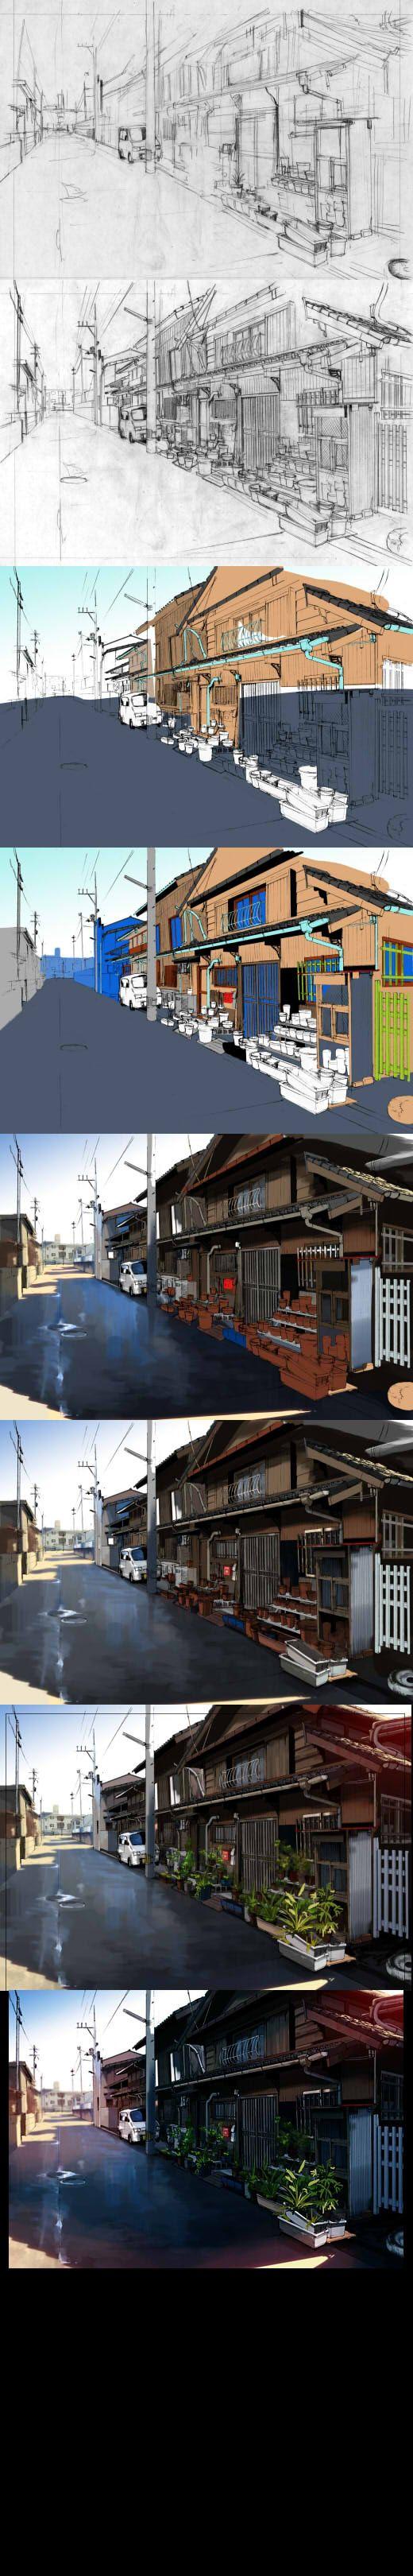 日本乡村场景绘制过程-FlyT漫画教程 もっと見る